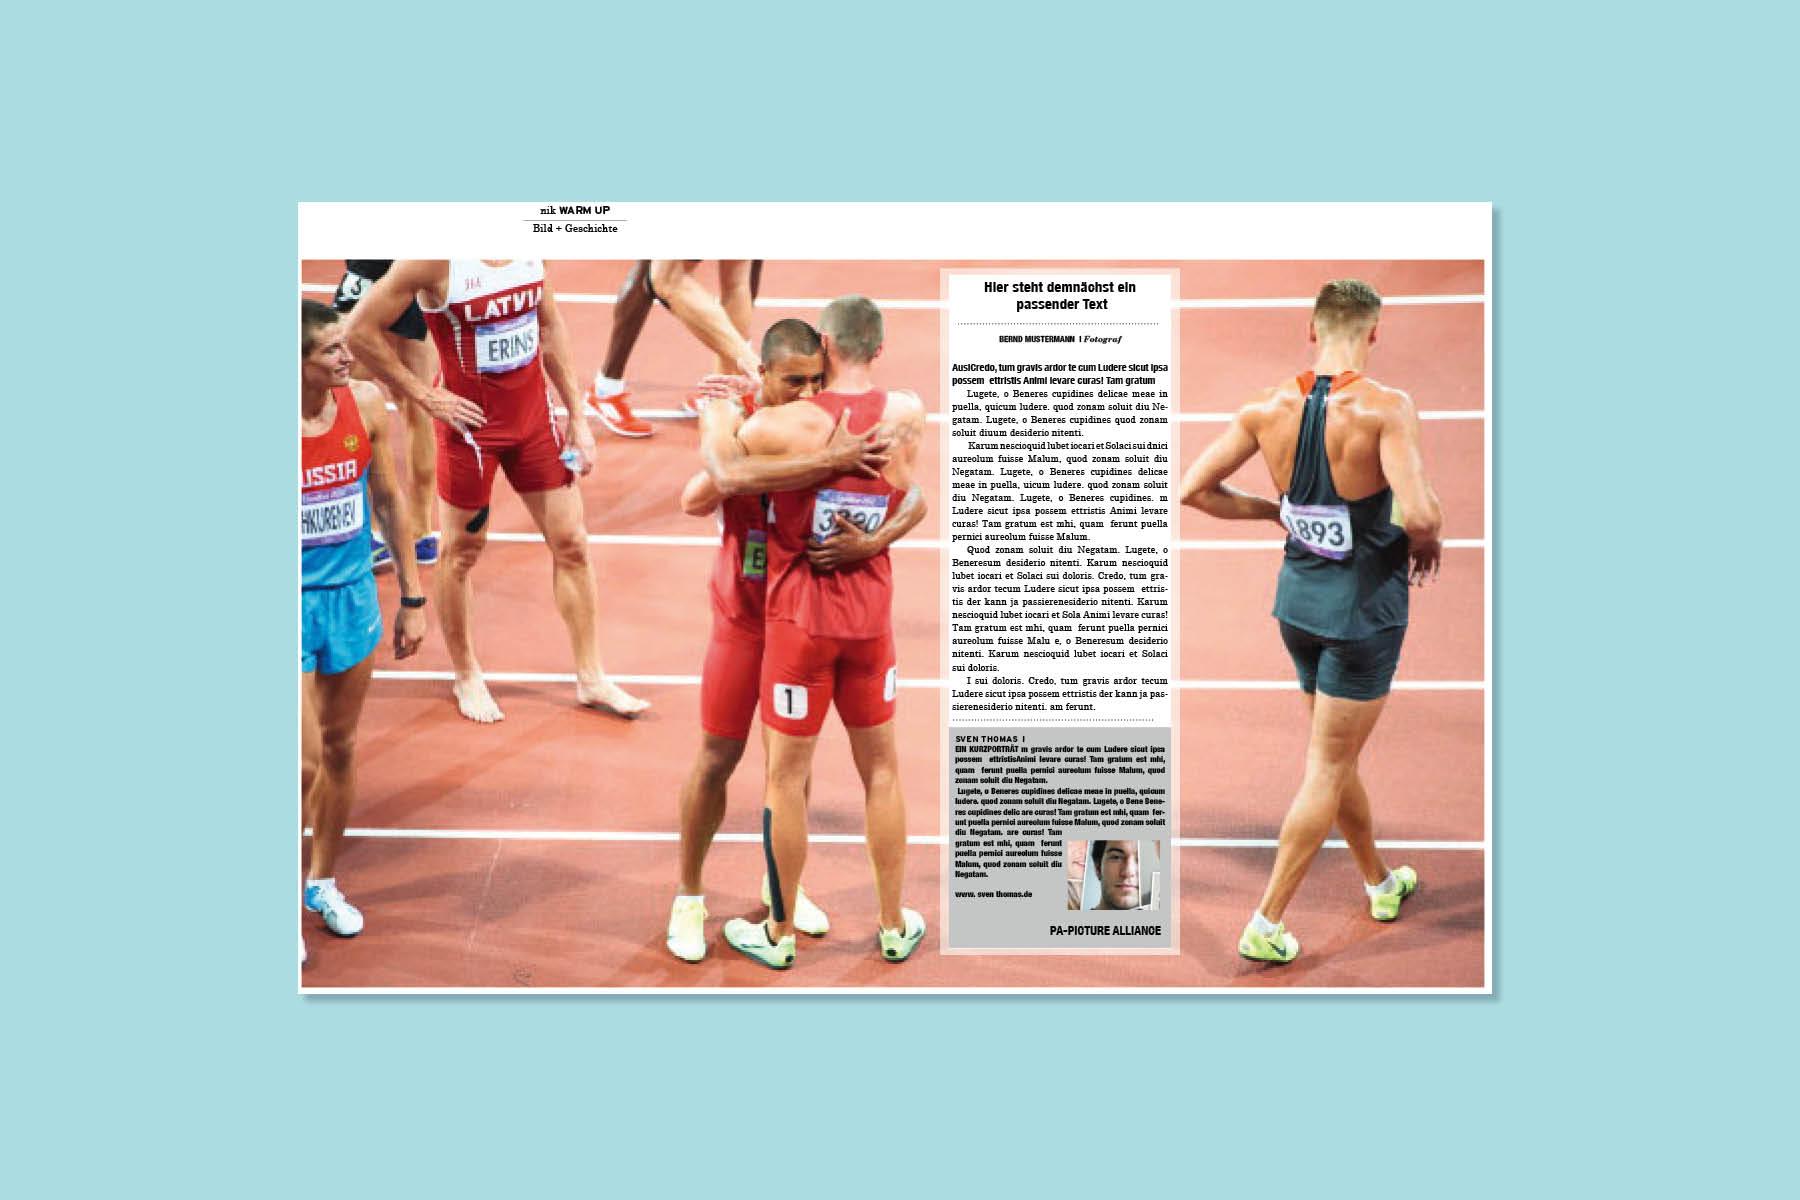 magazin-layout-warm-up-deutsche sporthilfe